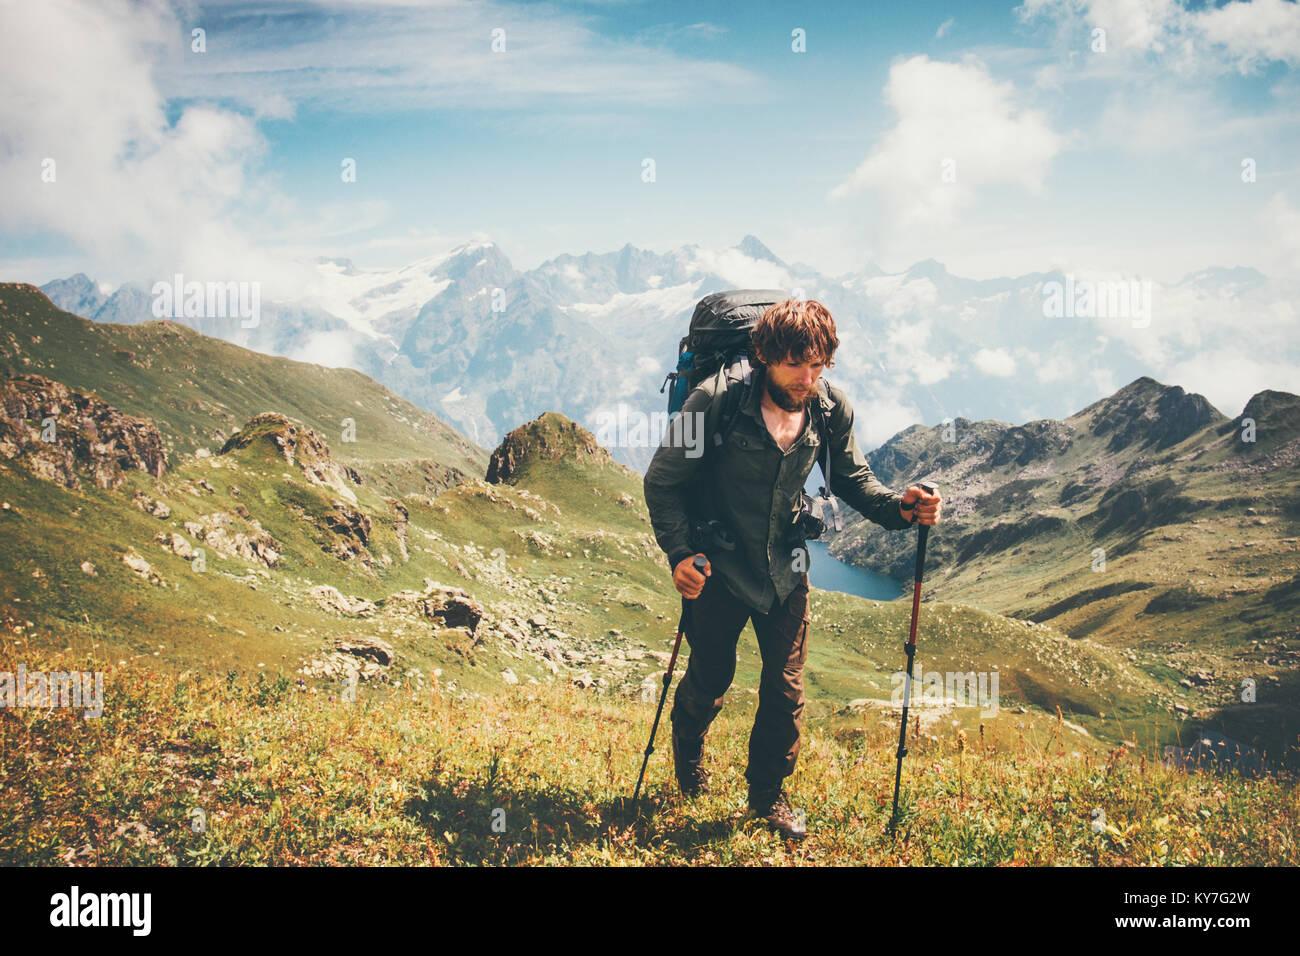 L'uomo alpinismo con zaino in viaggio il concetto di stile di vita Avventura estate vacanze outdoor gamma montagne Immagini Stock